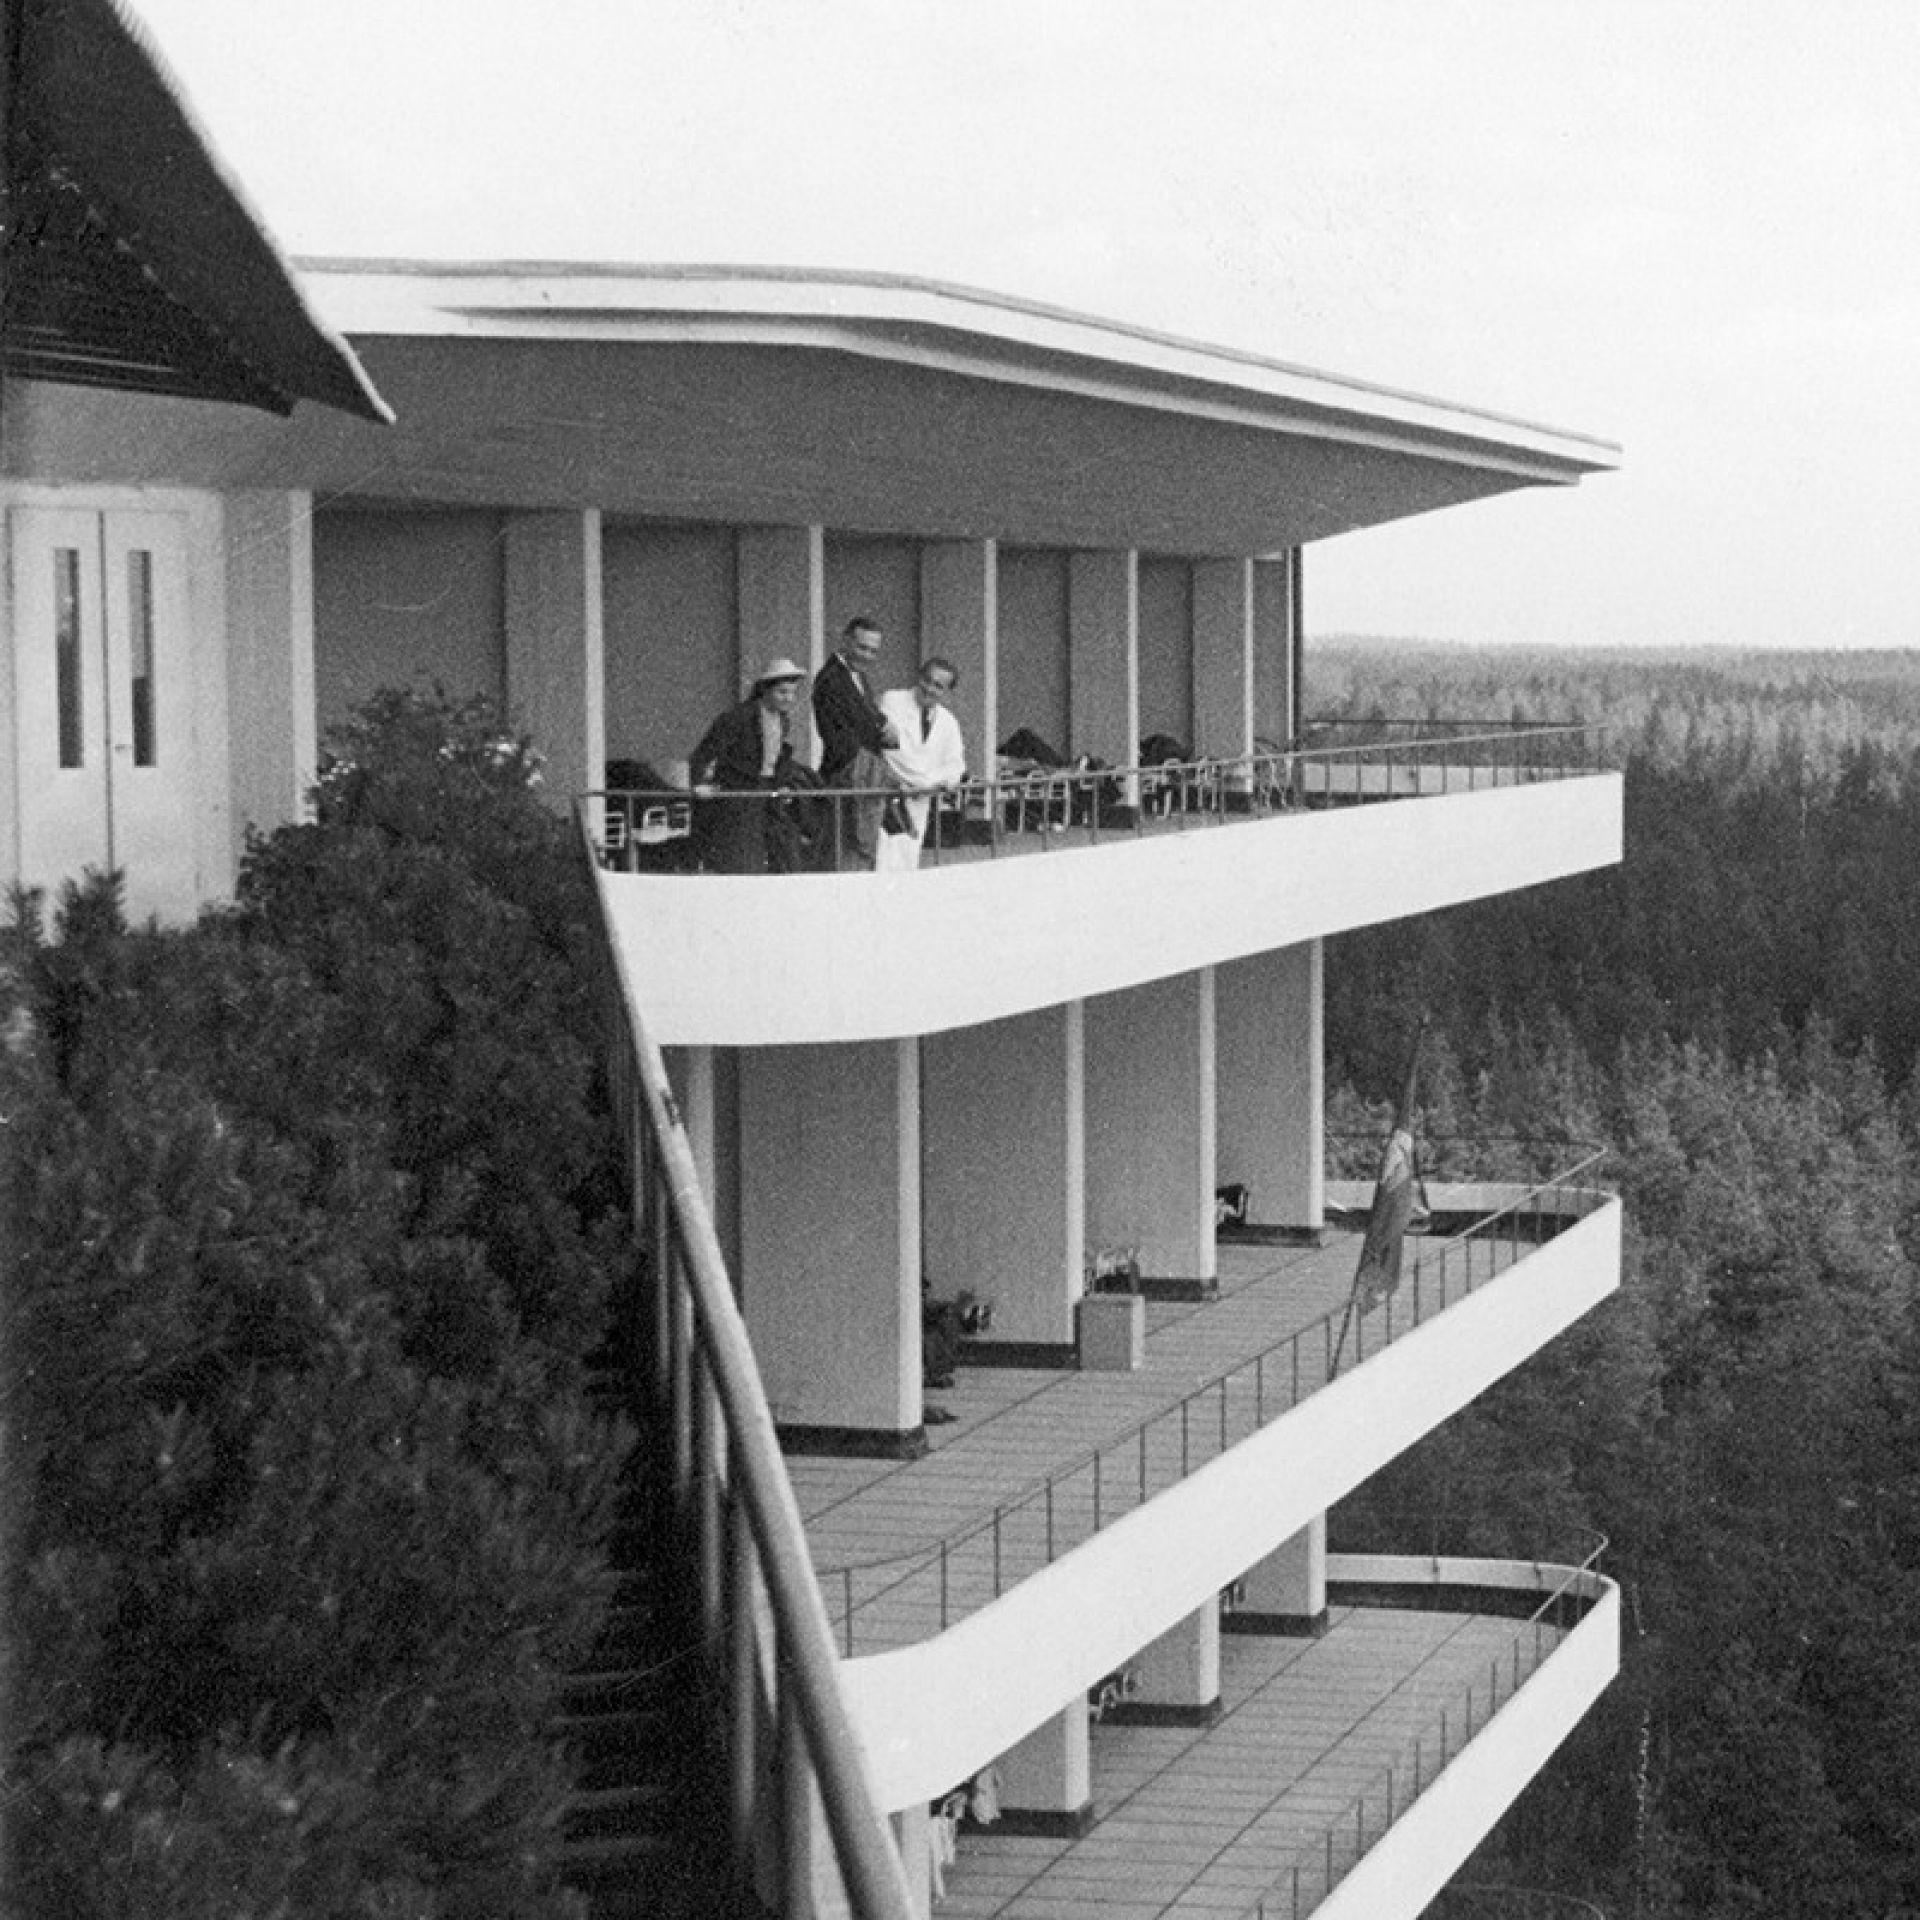 Alvar och Aino Aalto på en av Paimios balkonger. Foto: Kvadrat Interwoven.